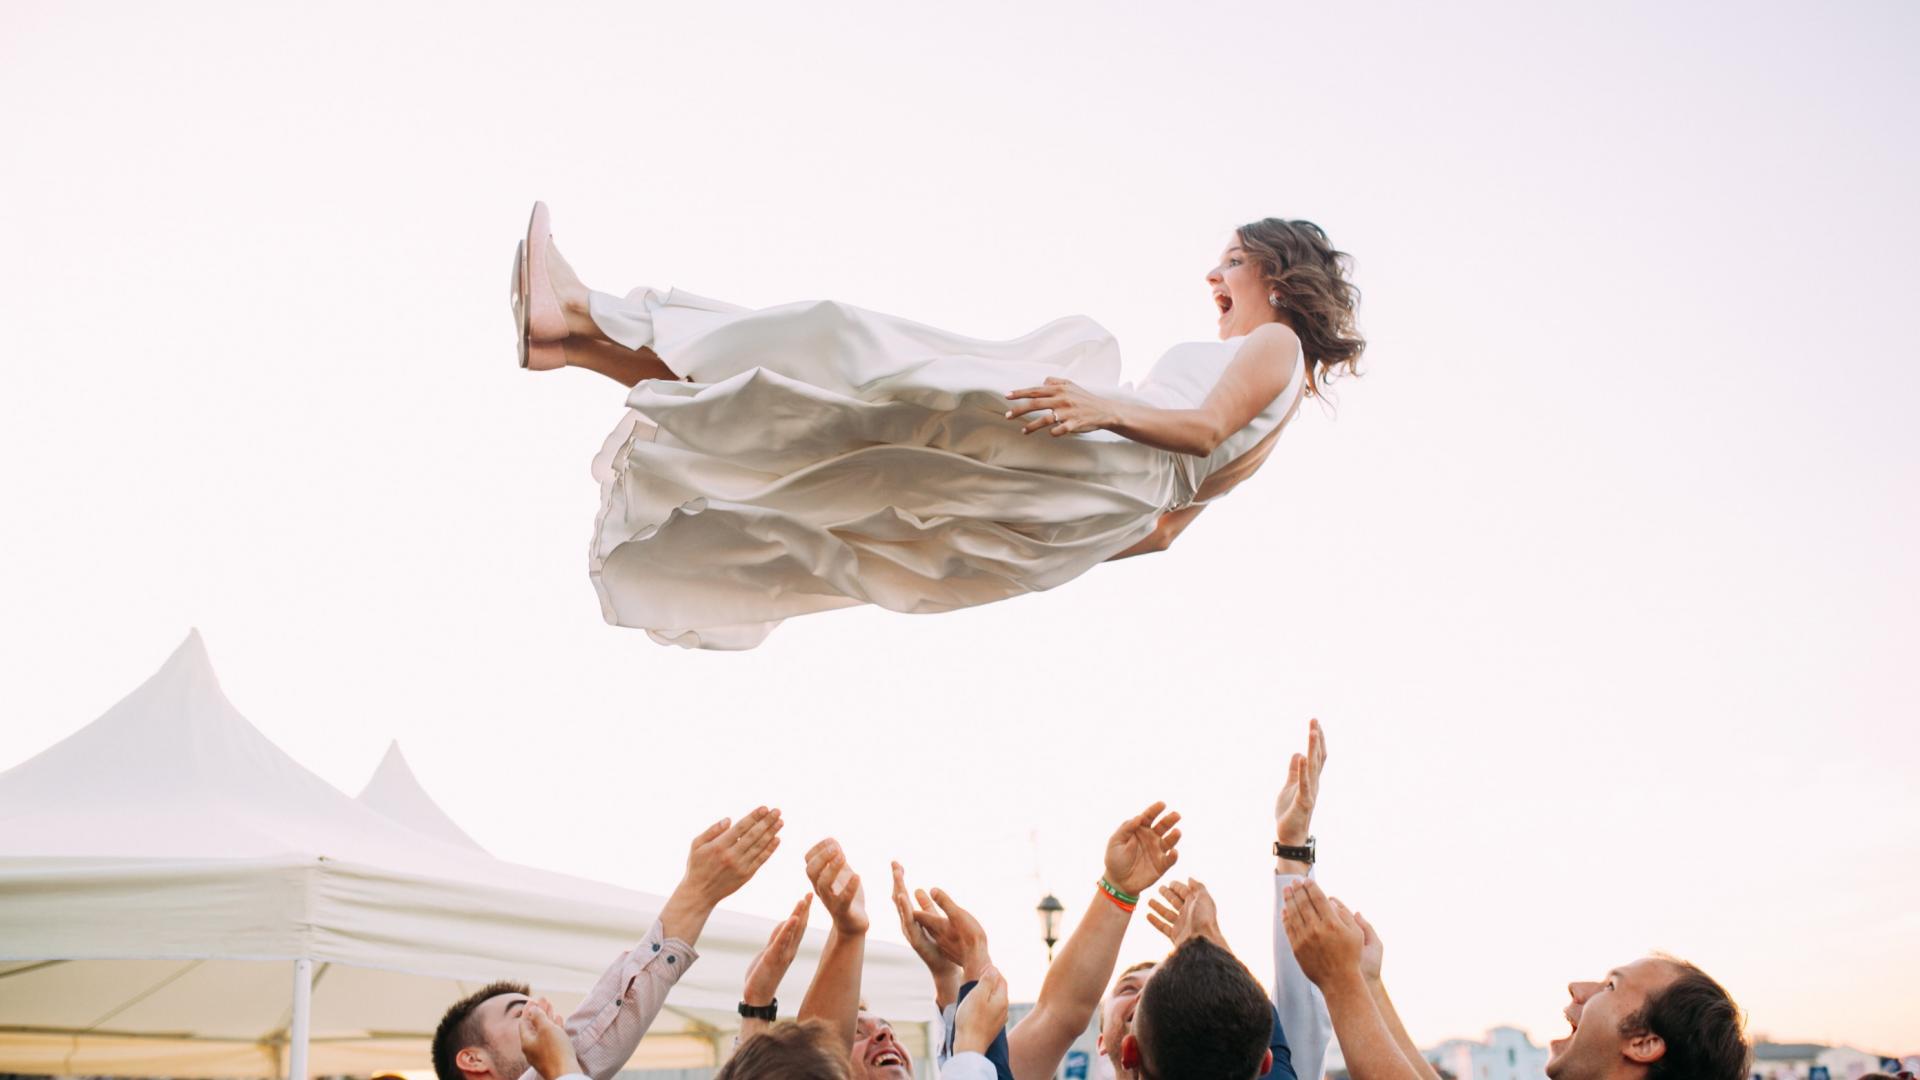 Fliegende Braut